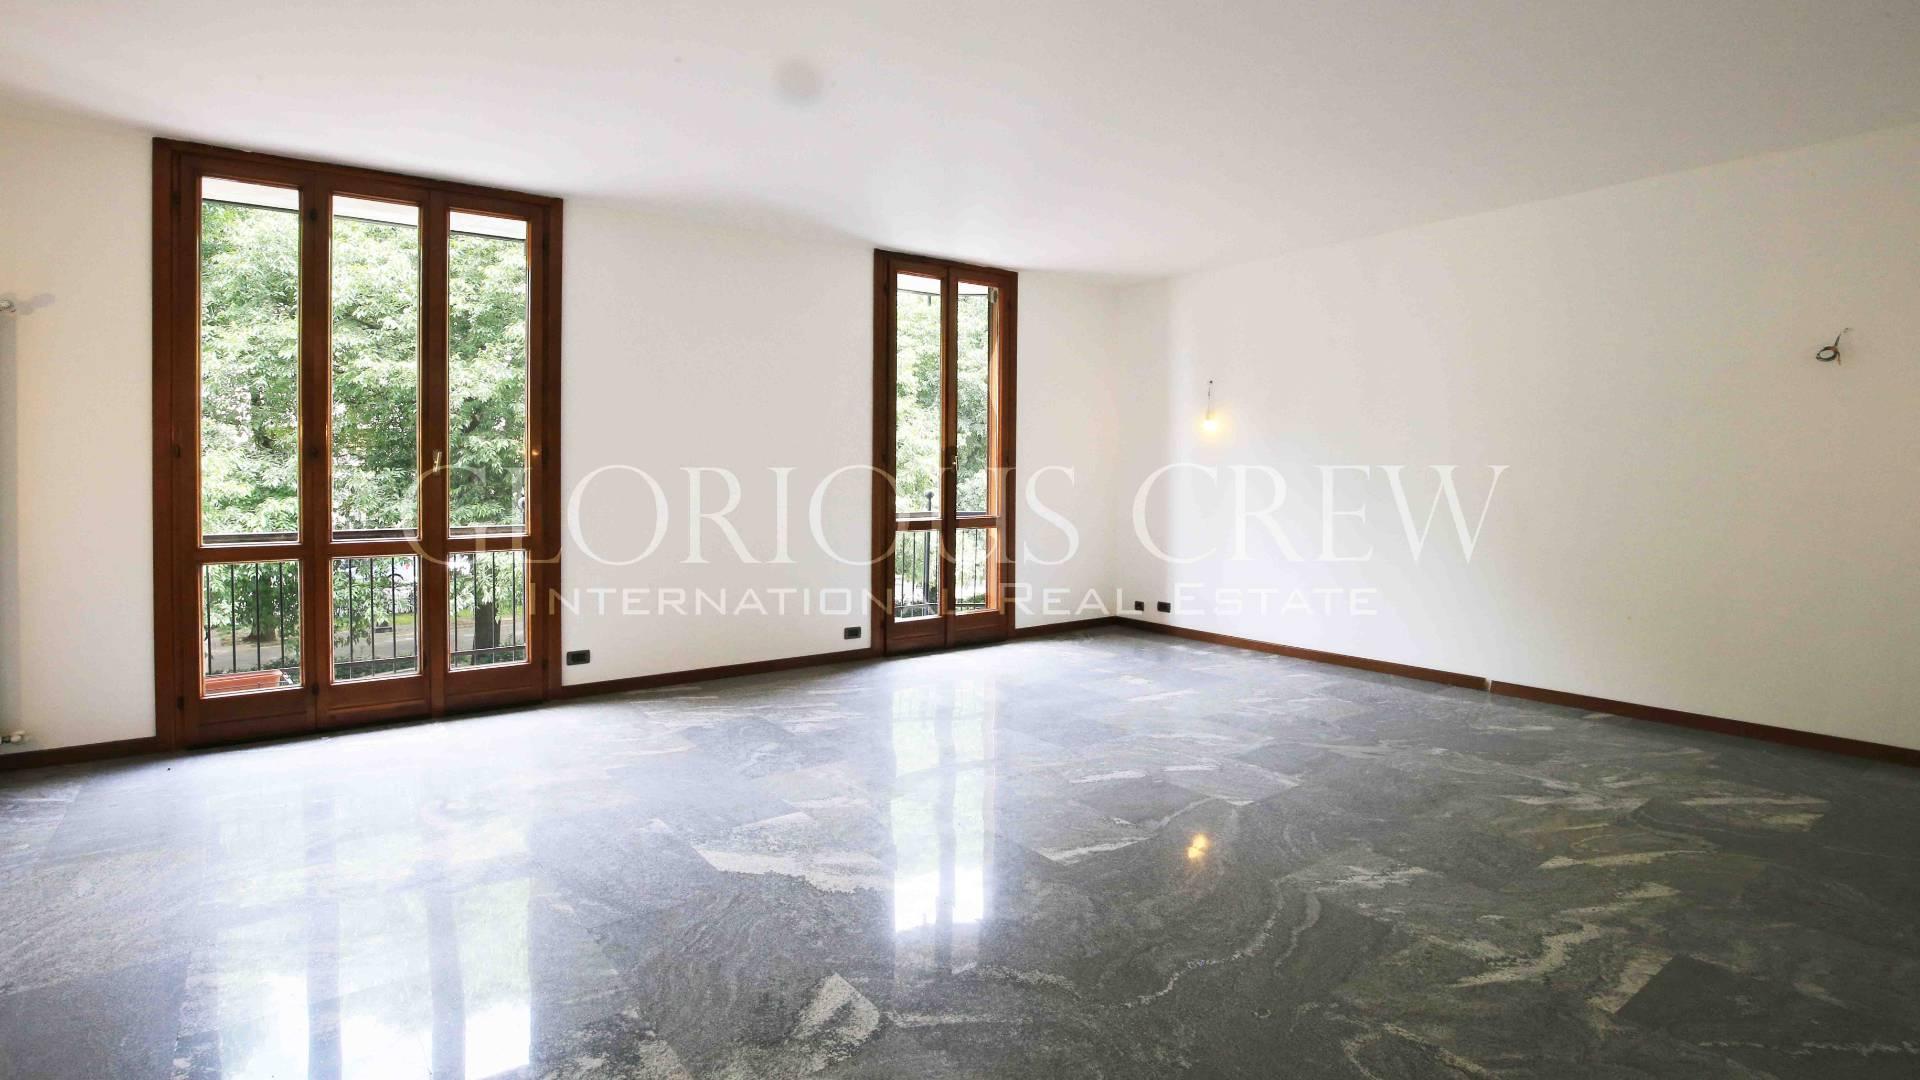 Appartamento in Vendita a Pavia Centro: 4 locali, 180 mq